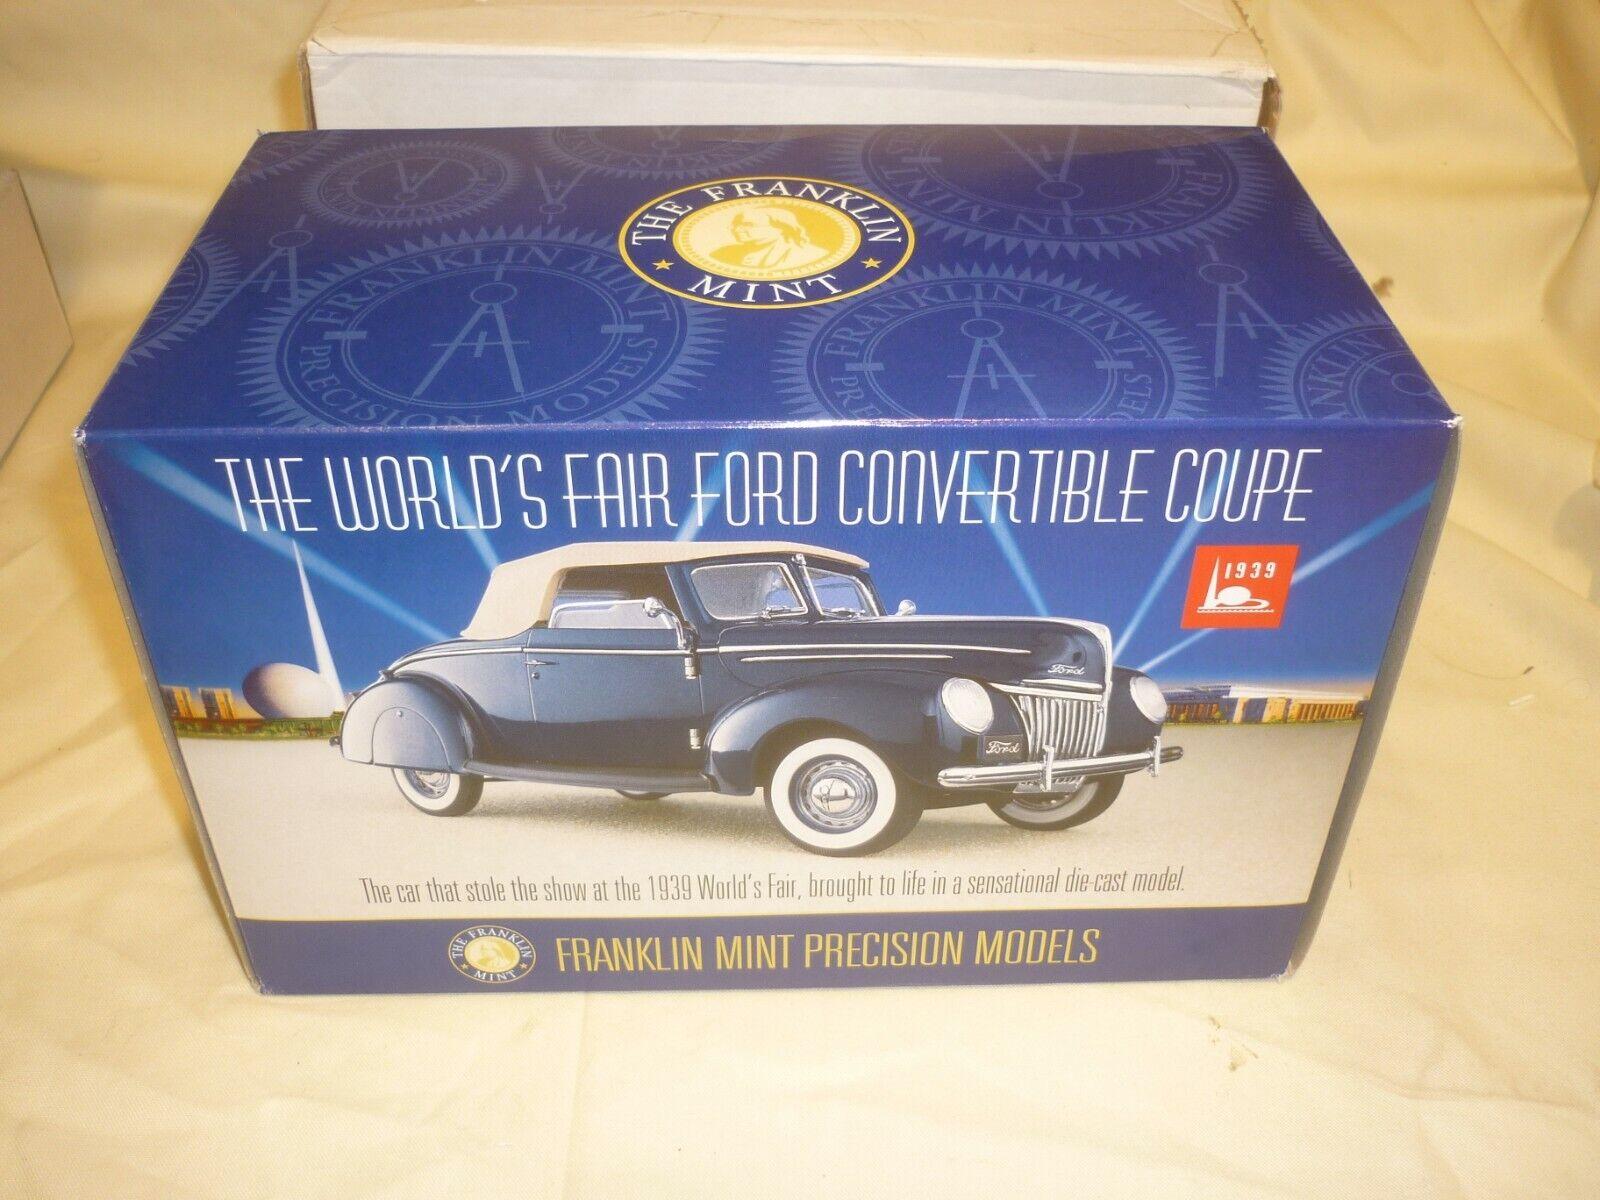 Un pre-owned Franklin Nuovo di zecca WORLD'S FAIR 1939 FORD Convertibile, in scatola, documenti,